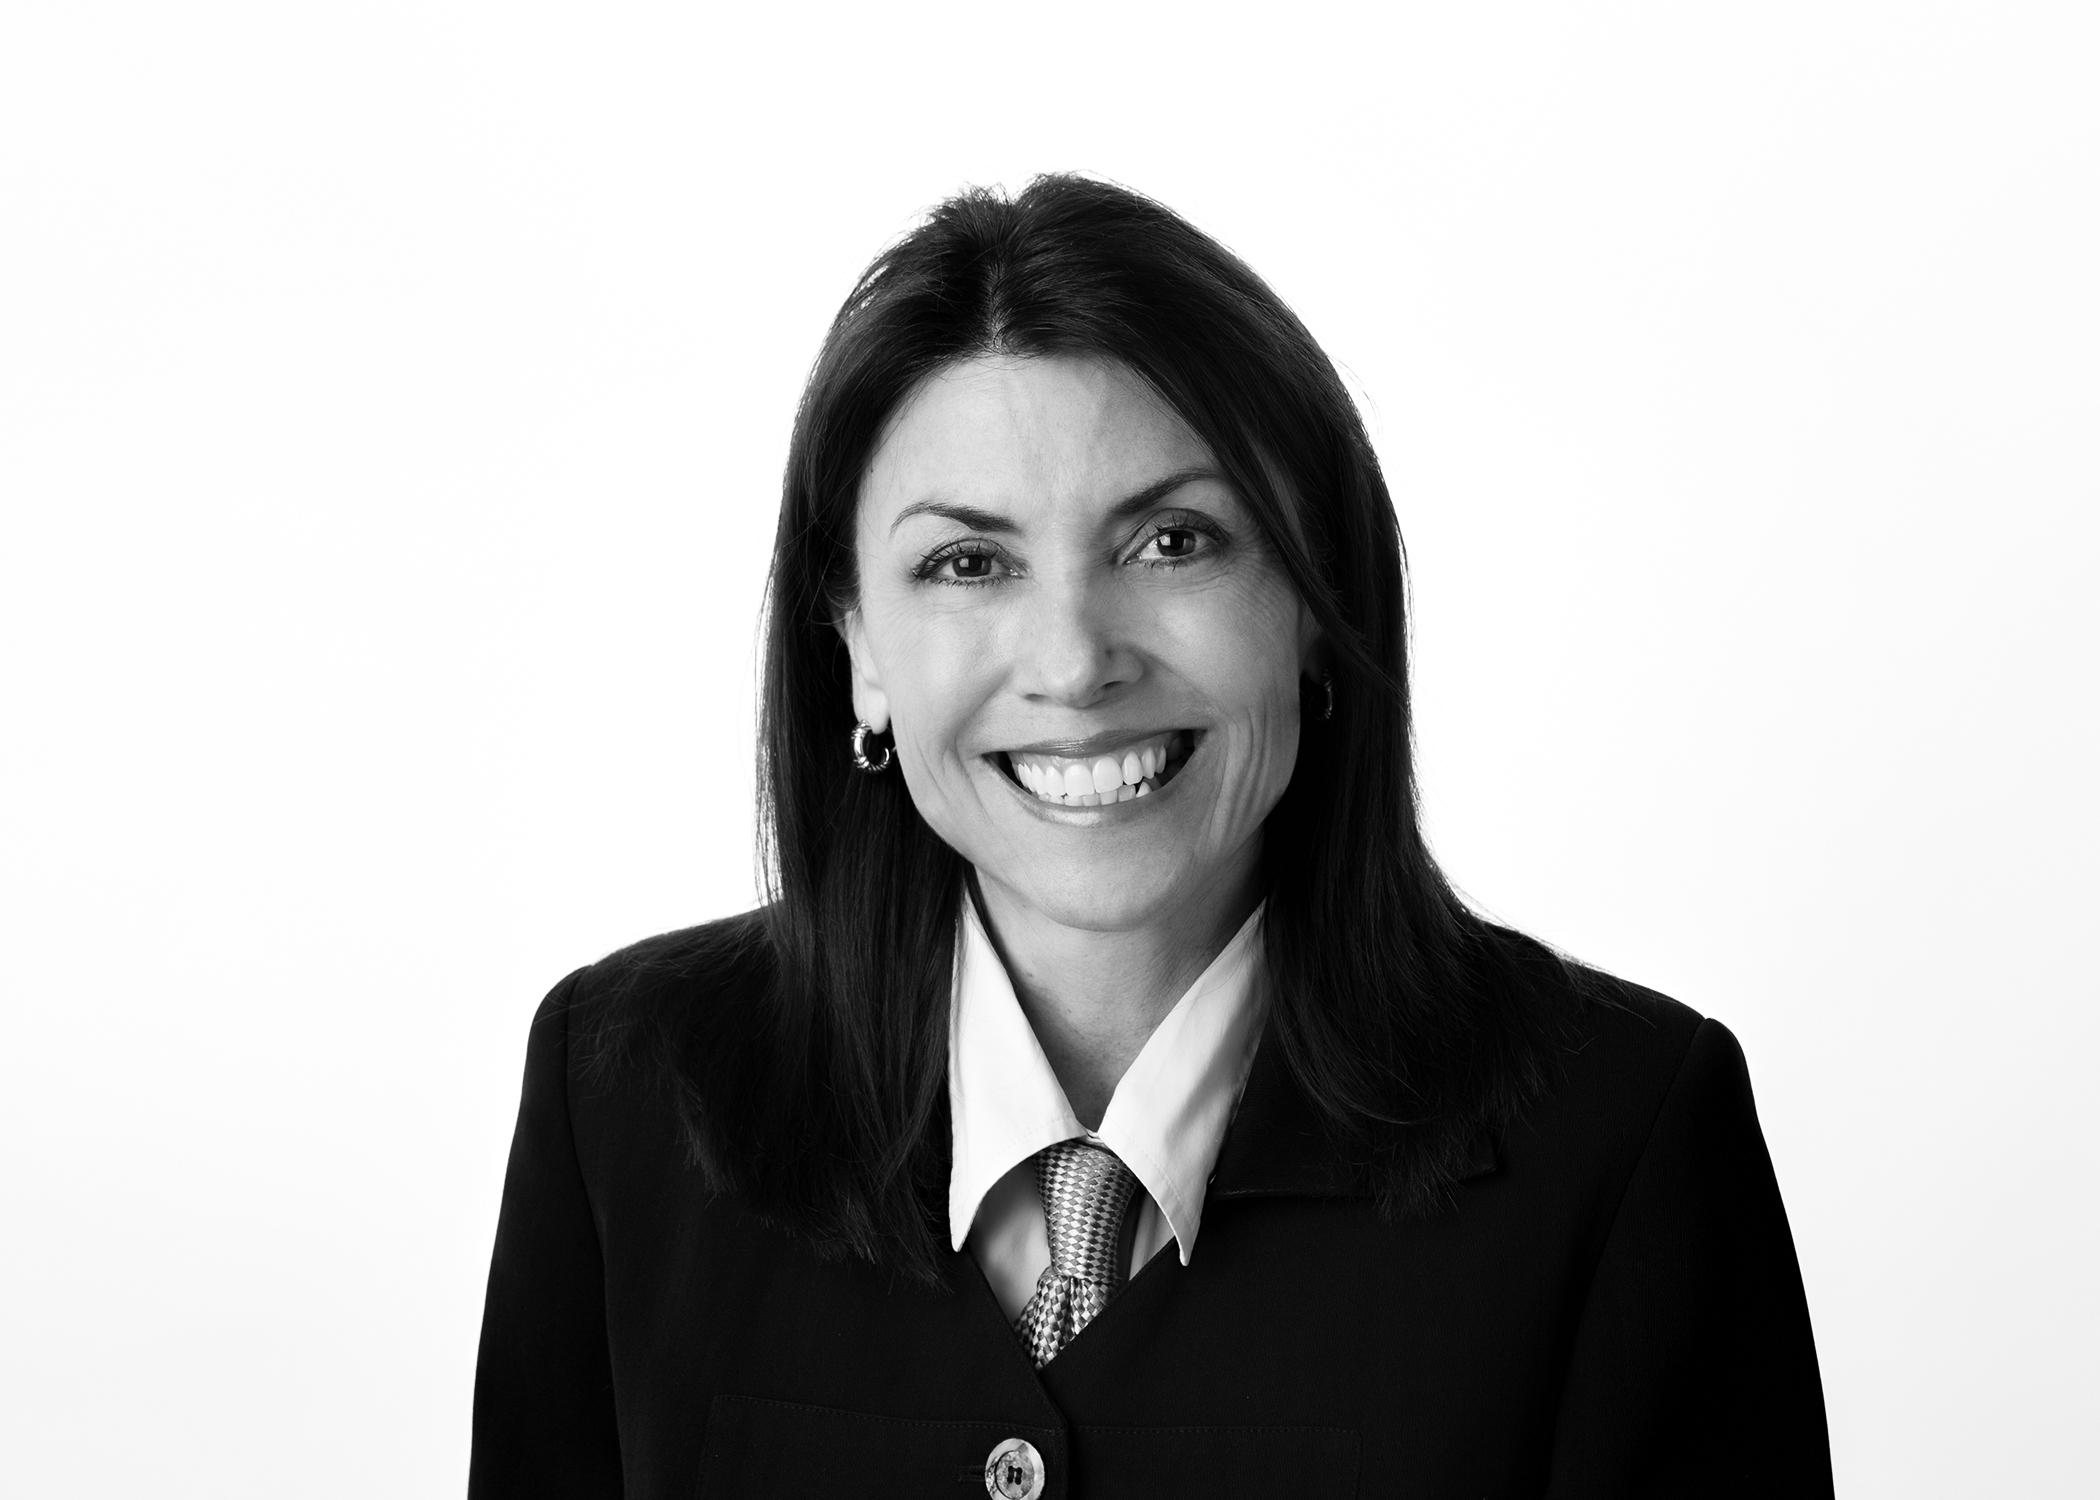 Yvette Borowski